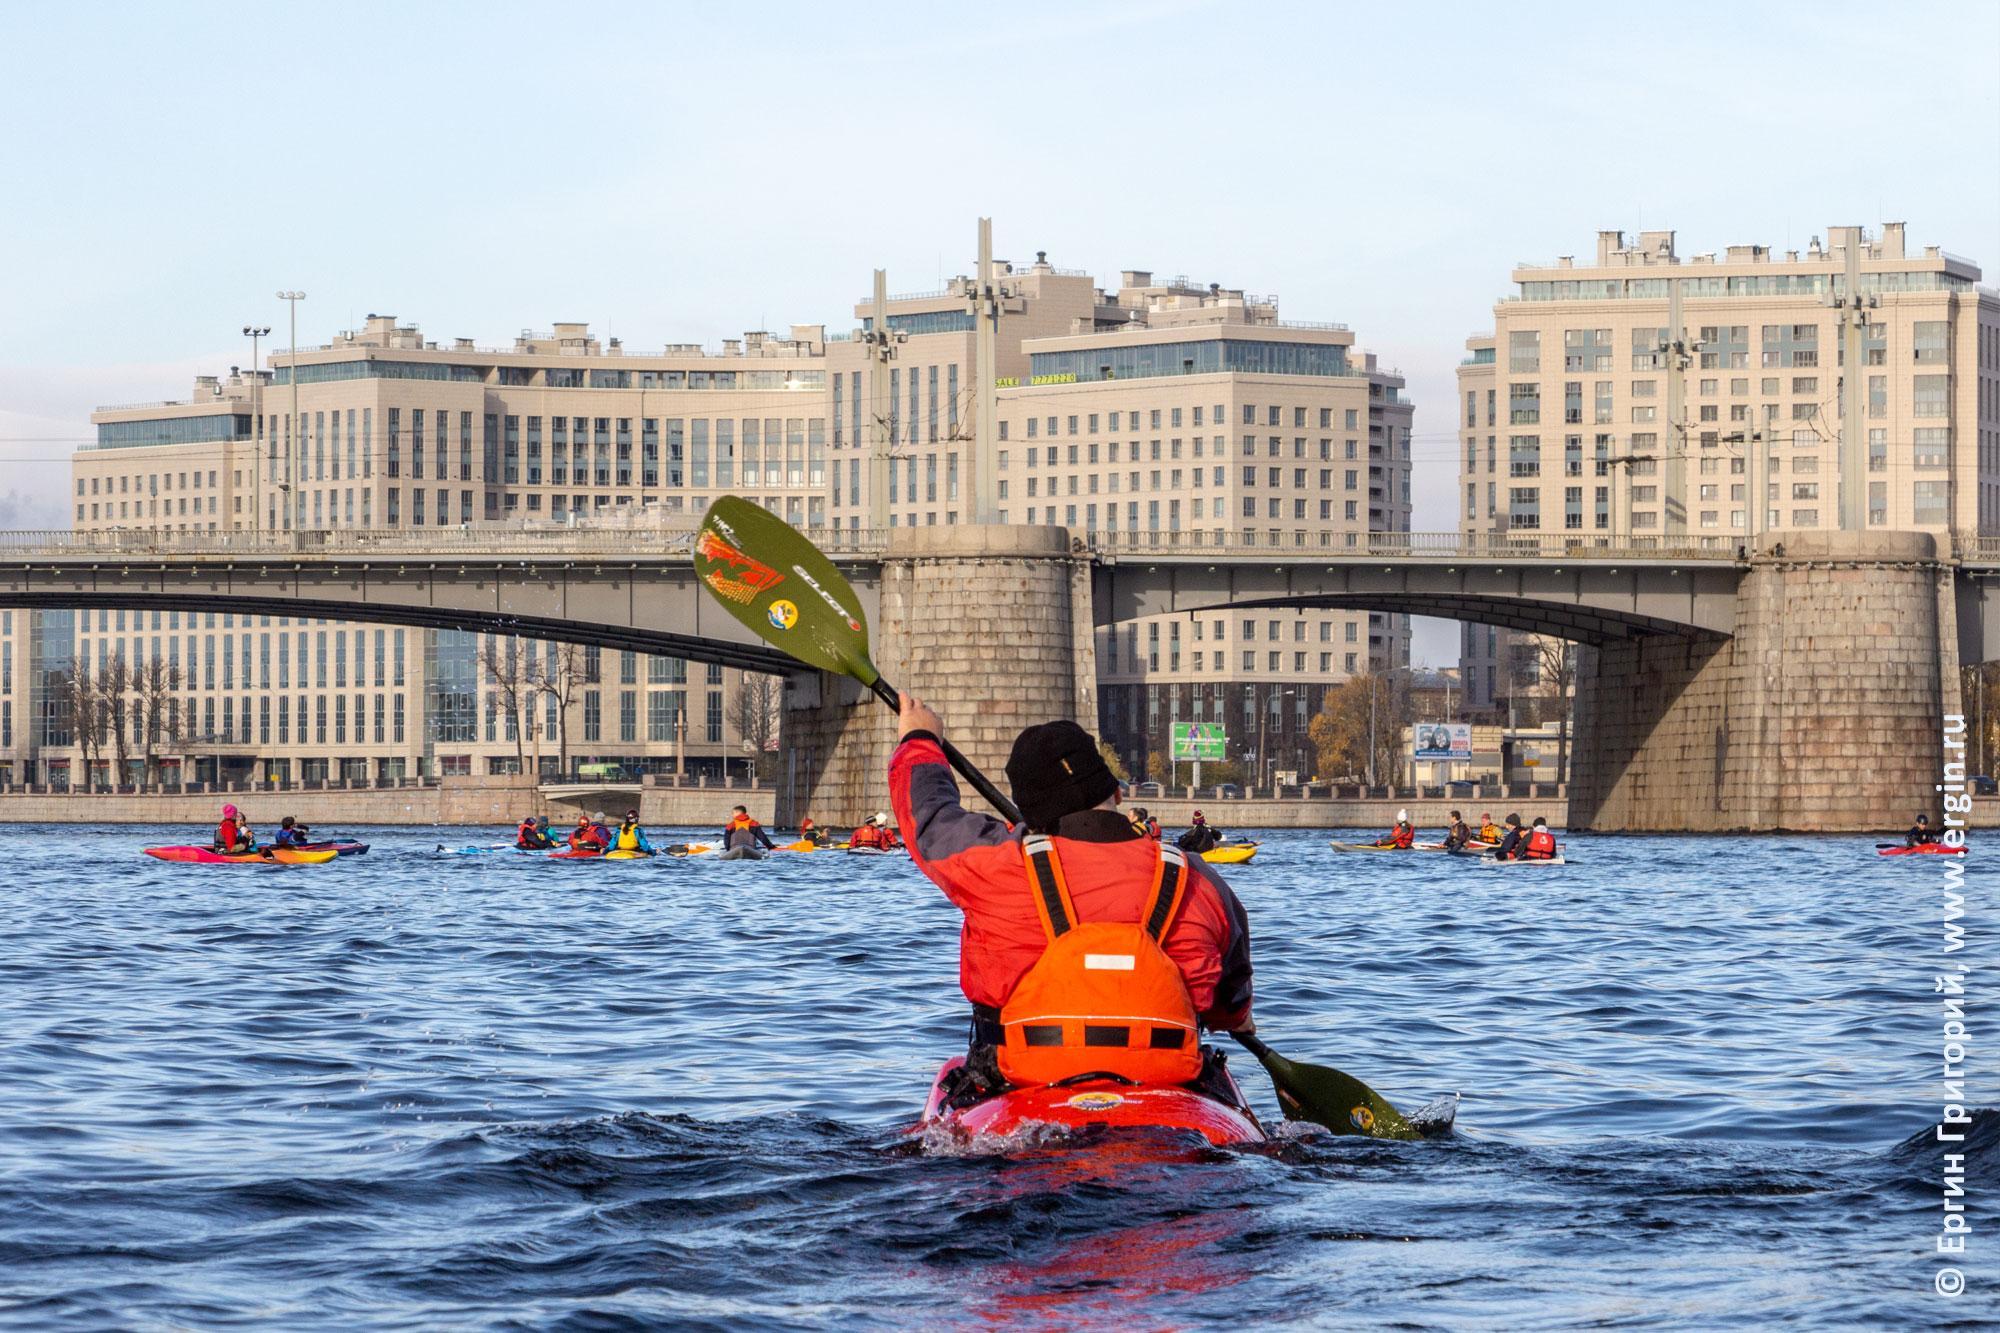 Каяк для фристайла на бурной воде отстает от морских каяков на ровной воде Невы в Питере